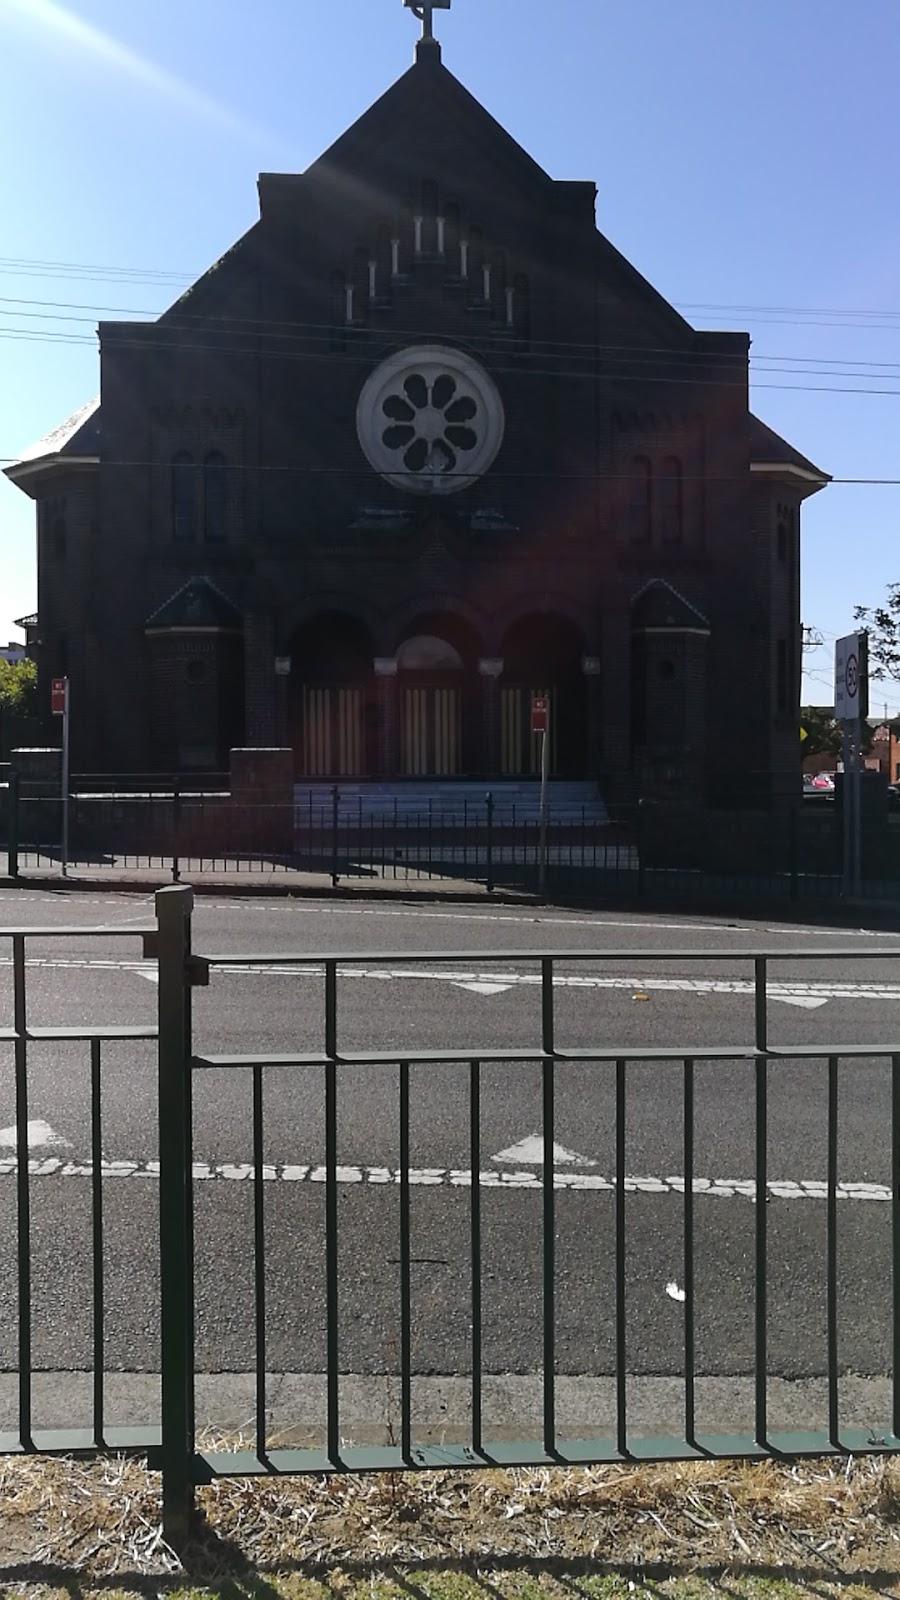 St Mels Church | church | 7 Evaline St, Campsie NSW 2194, Australia | 0297871582 OR +61 2 9787 1582